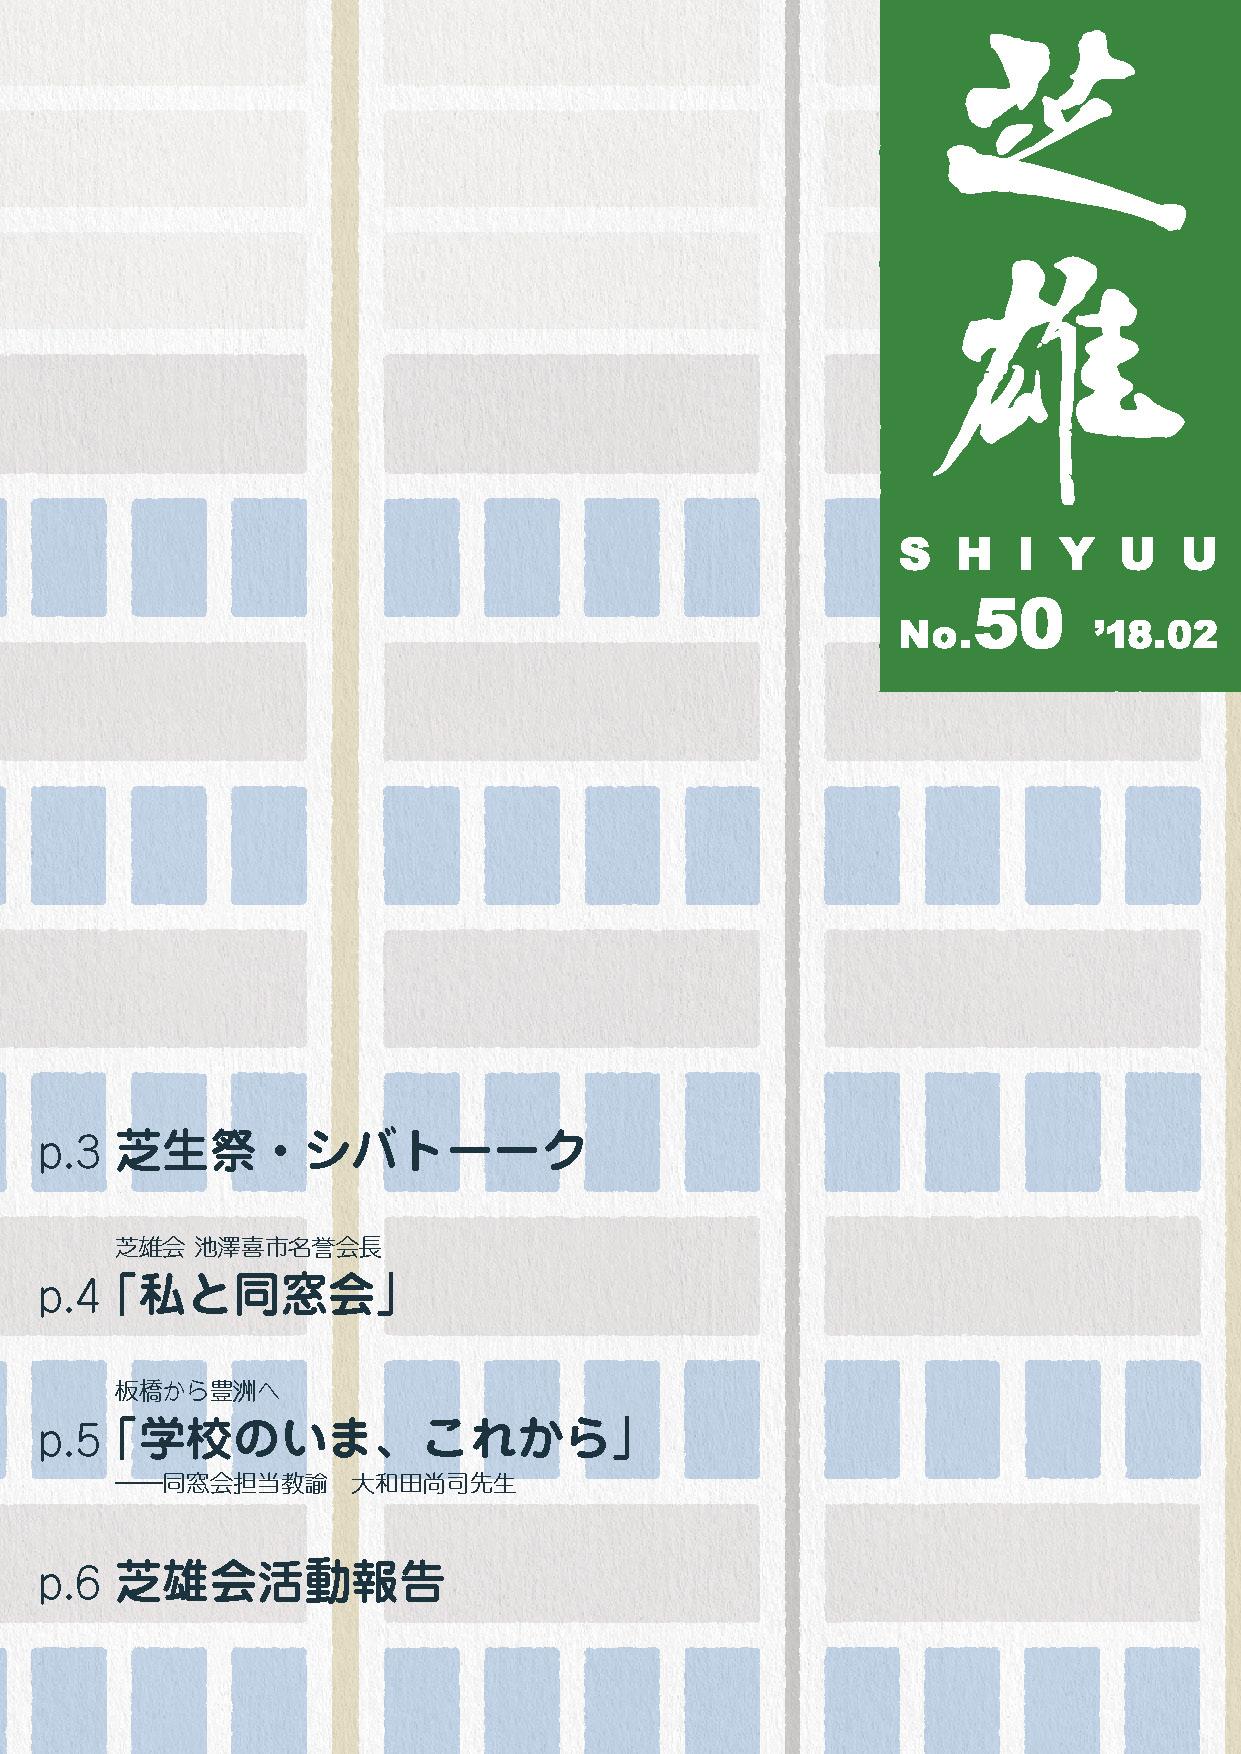 芝雄 No.50